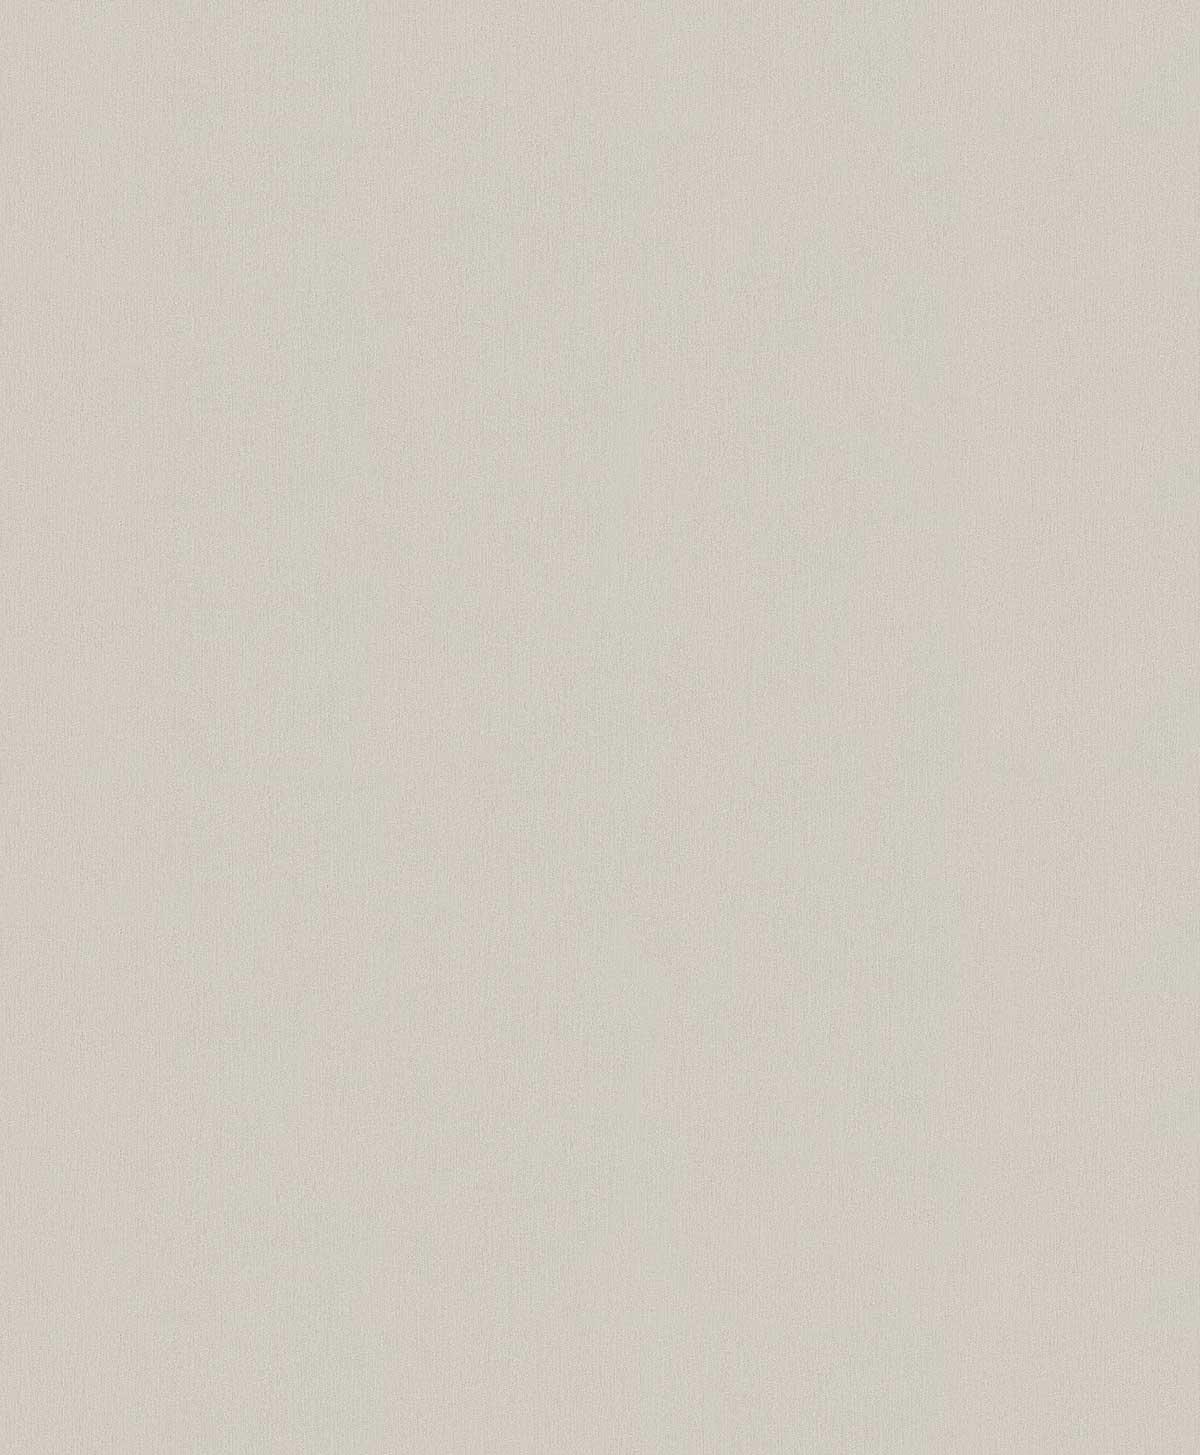 Papier Peint Uni en Intissé - Gris - 10 ml x 0,53 m